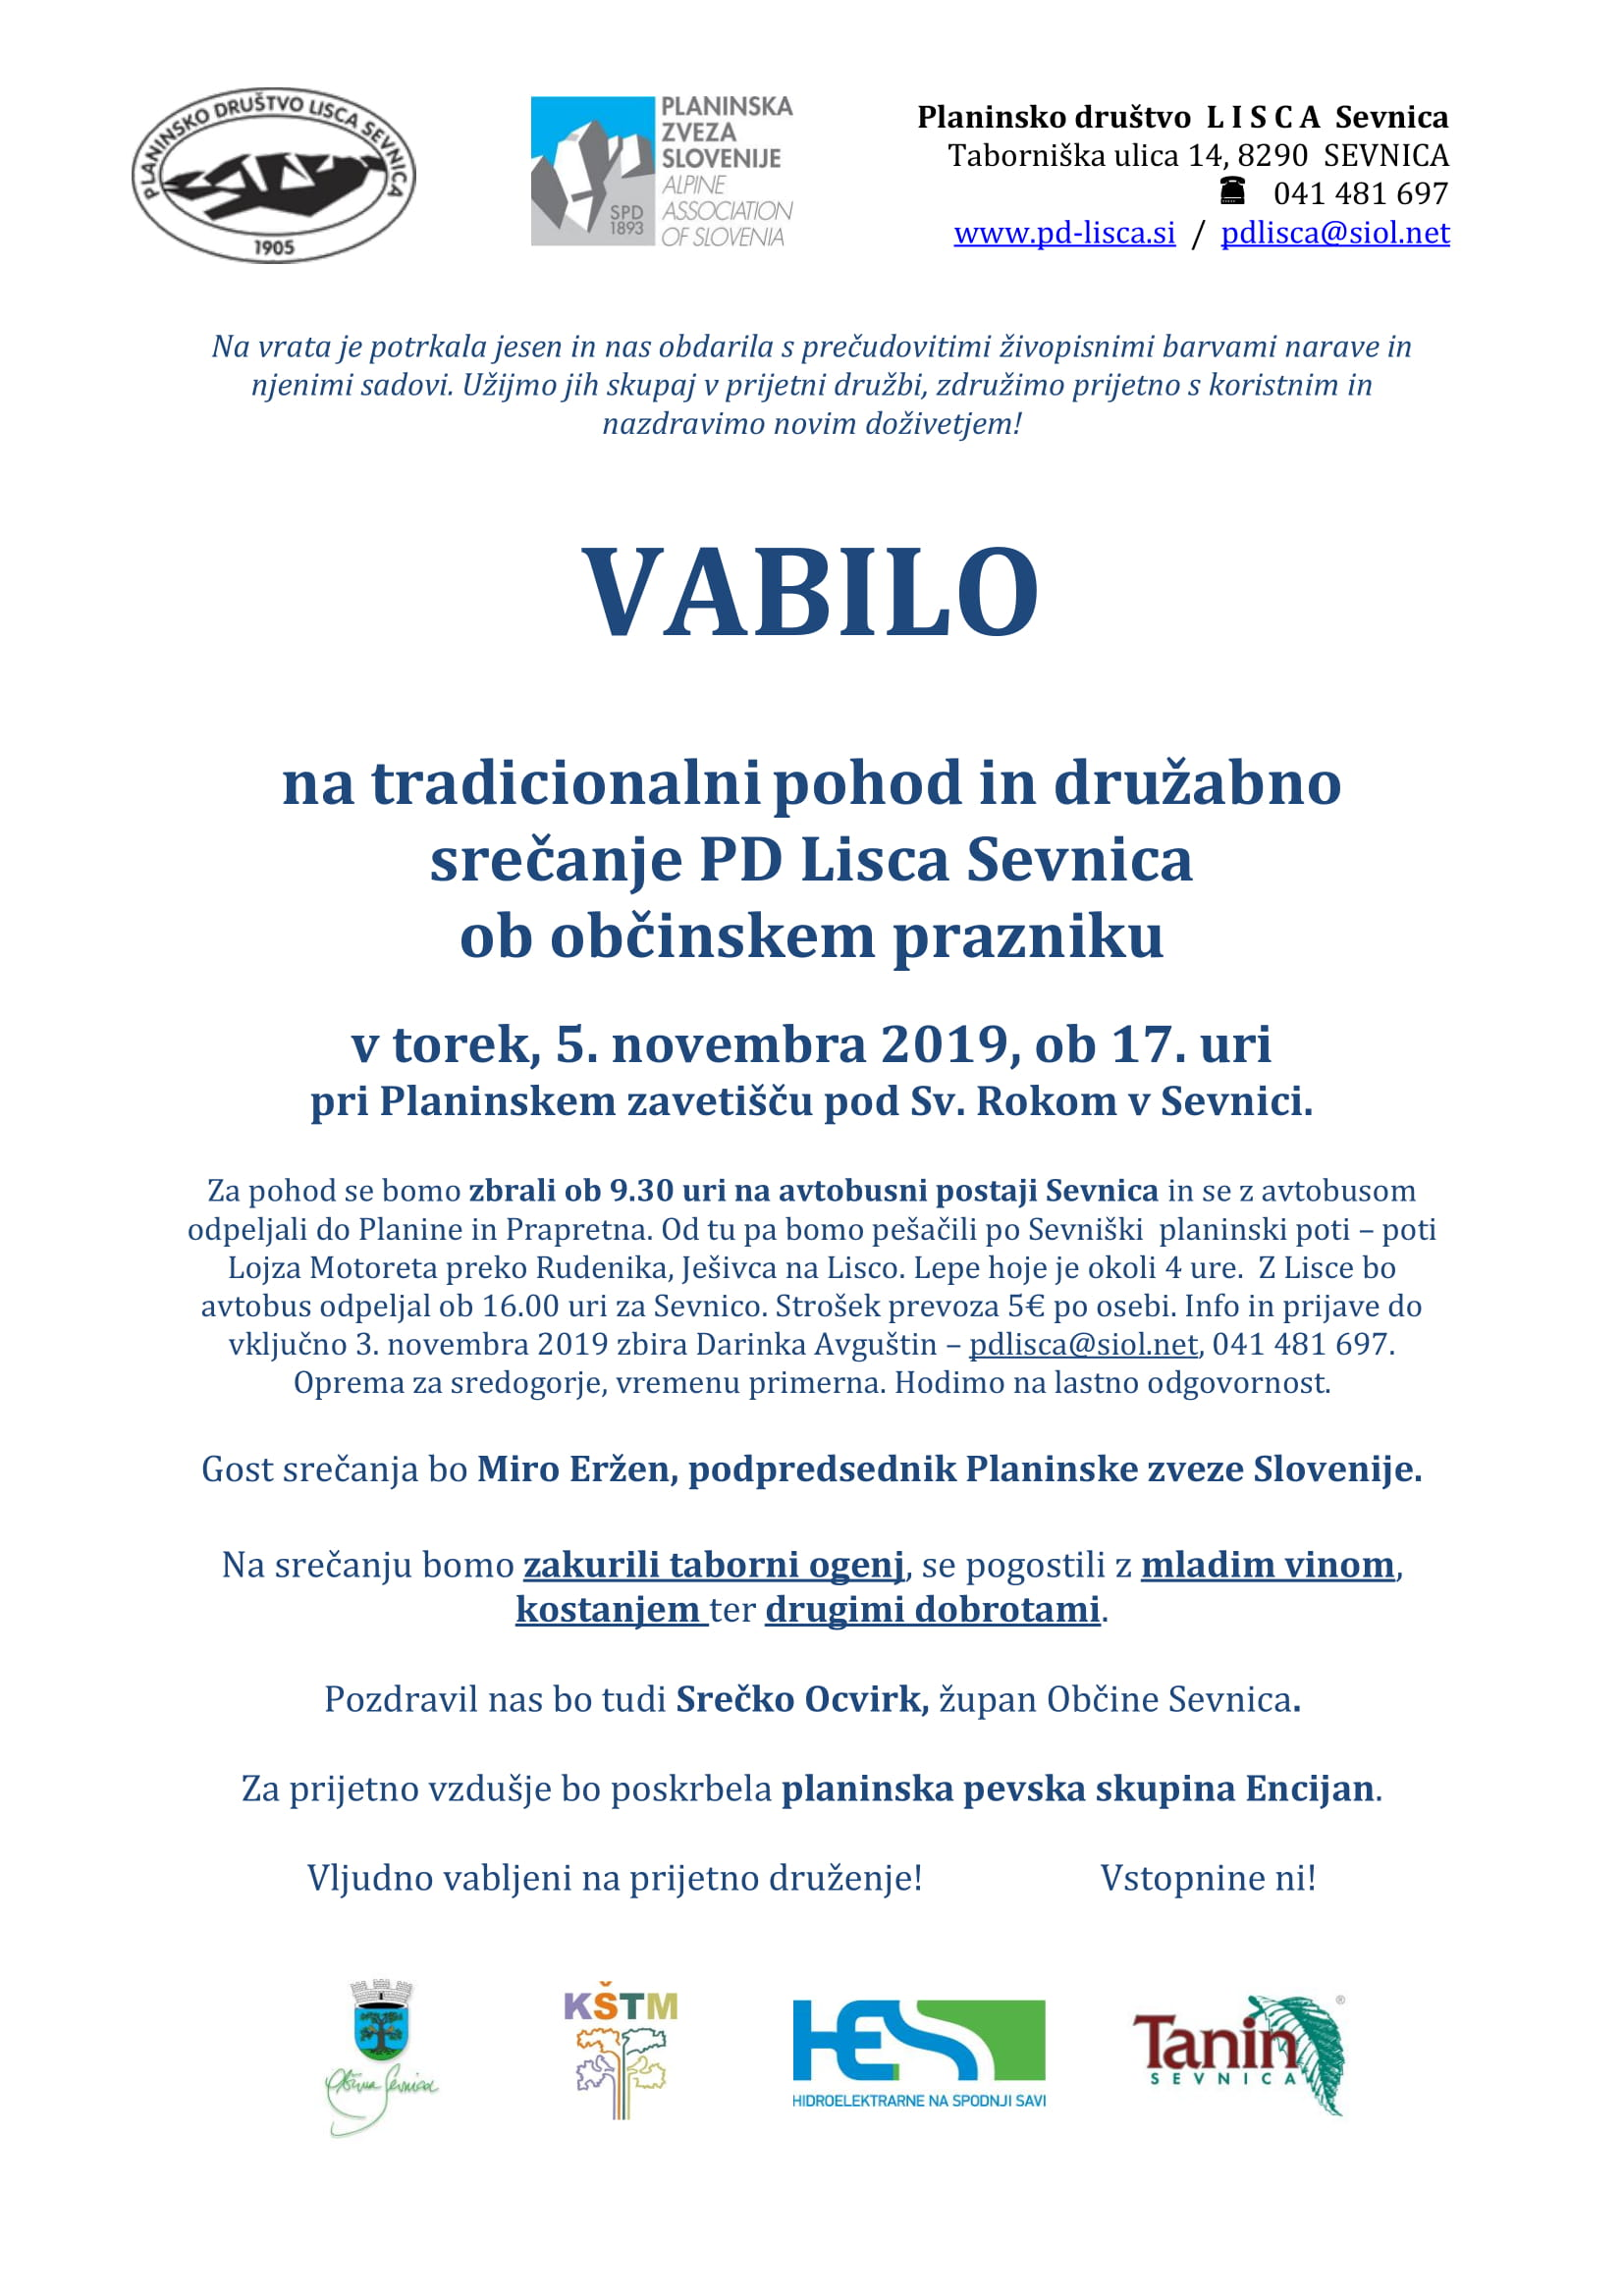 VABILO_Druzabno_srecanje_PD_pri_Zavetiscu_5_11_2019_1